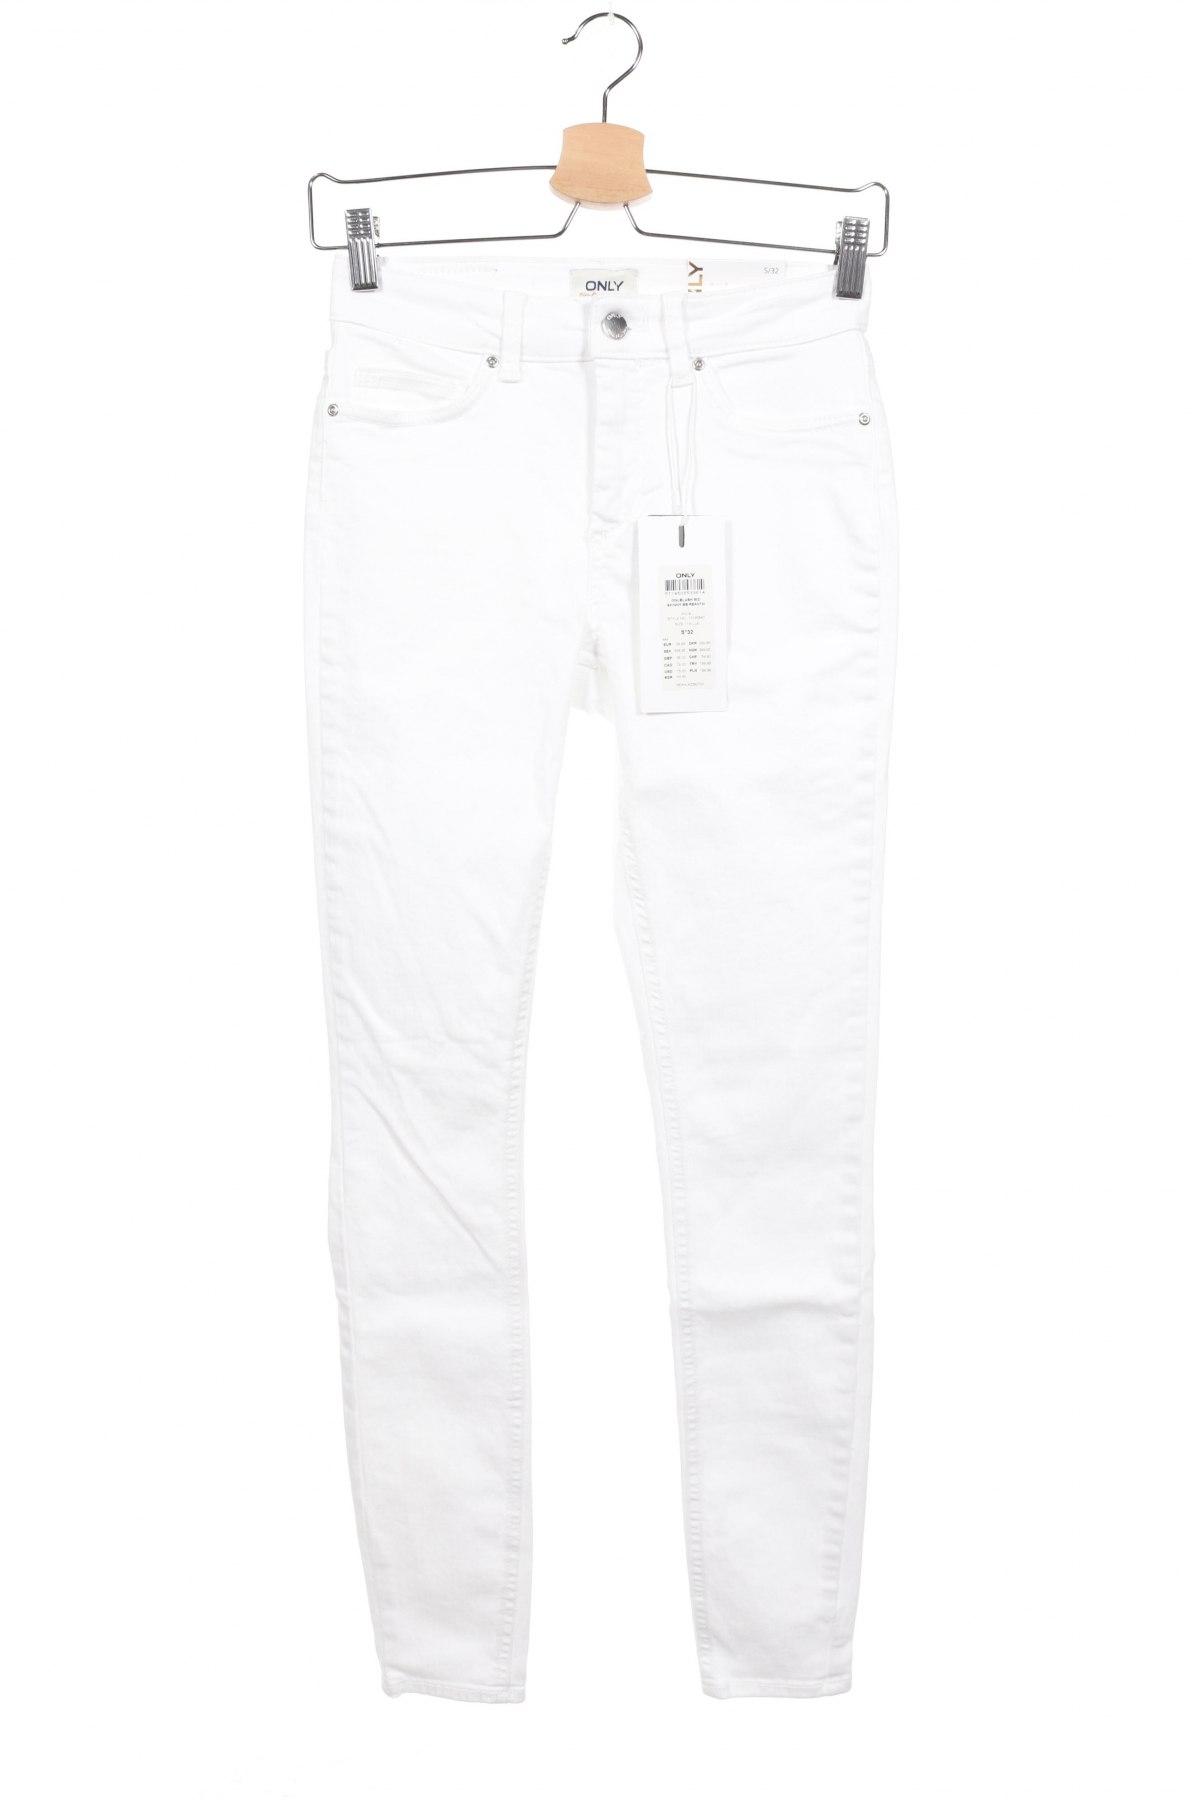 Дамски дънки ONLY, Размер S, Цвят Бял, Талия 70 см, външна дължина на крачола 100 см., Цена 44,85лв.